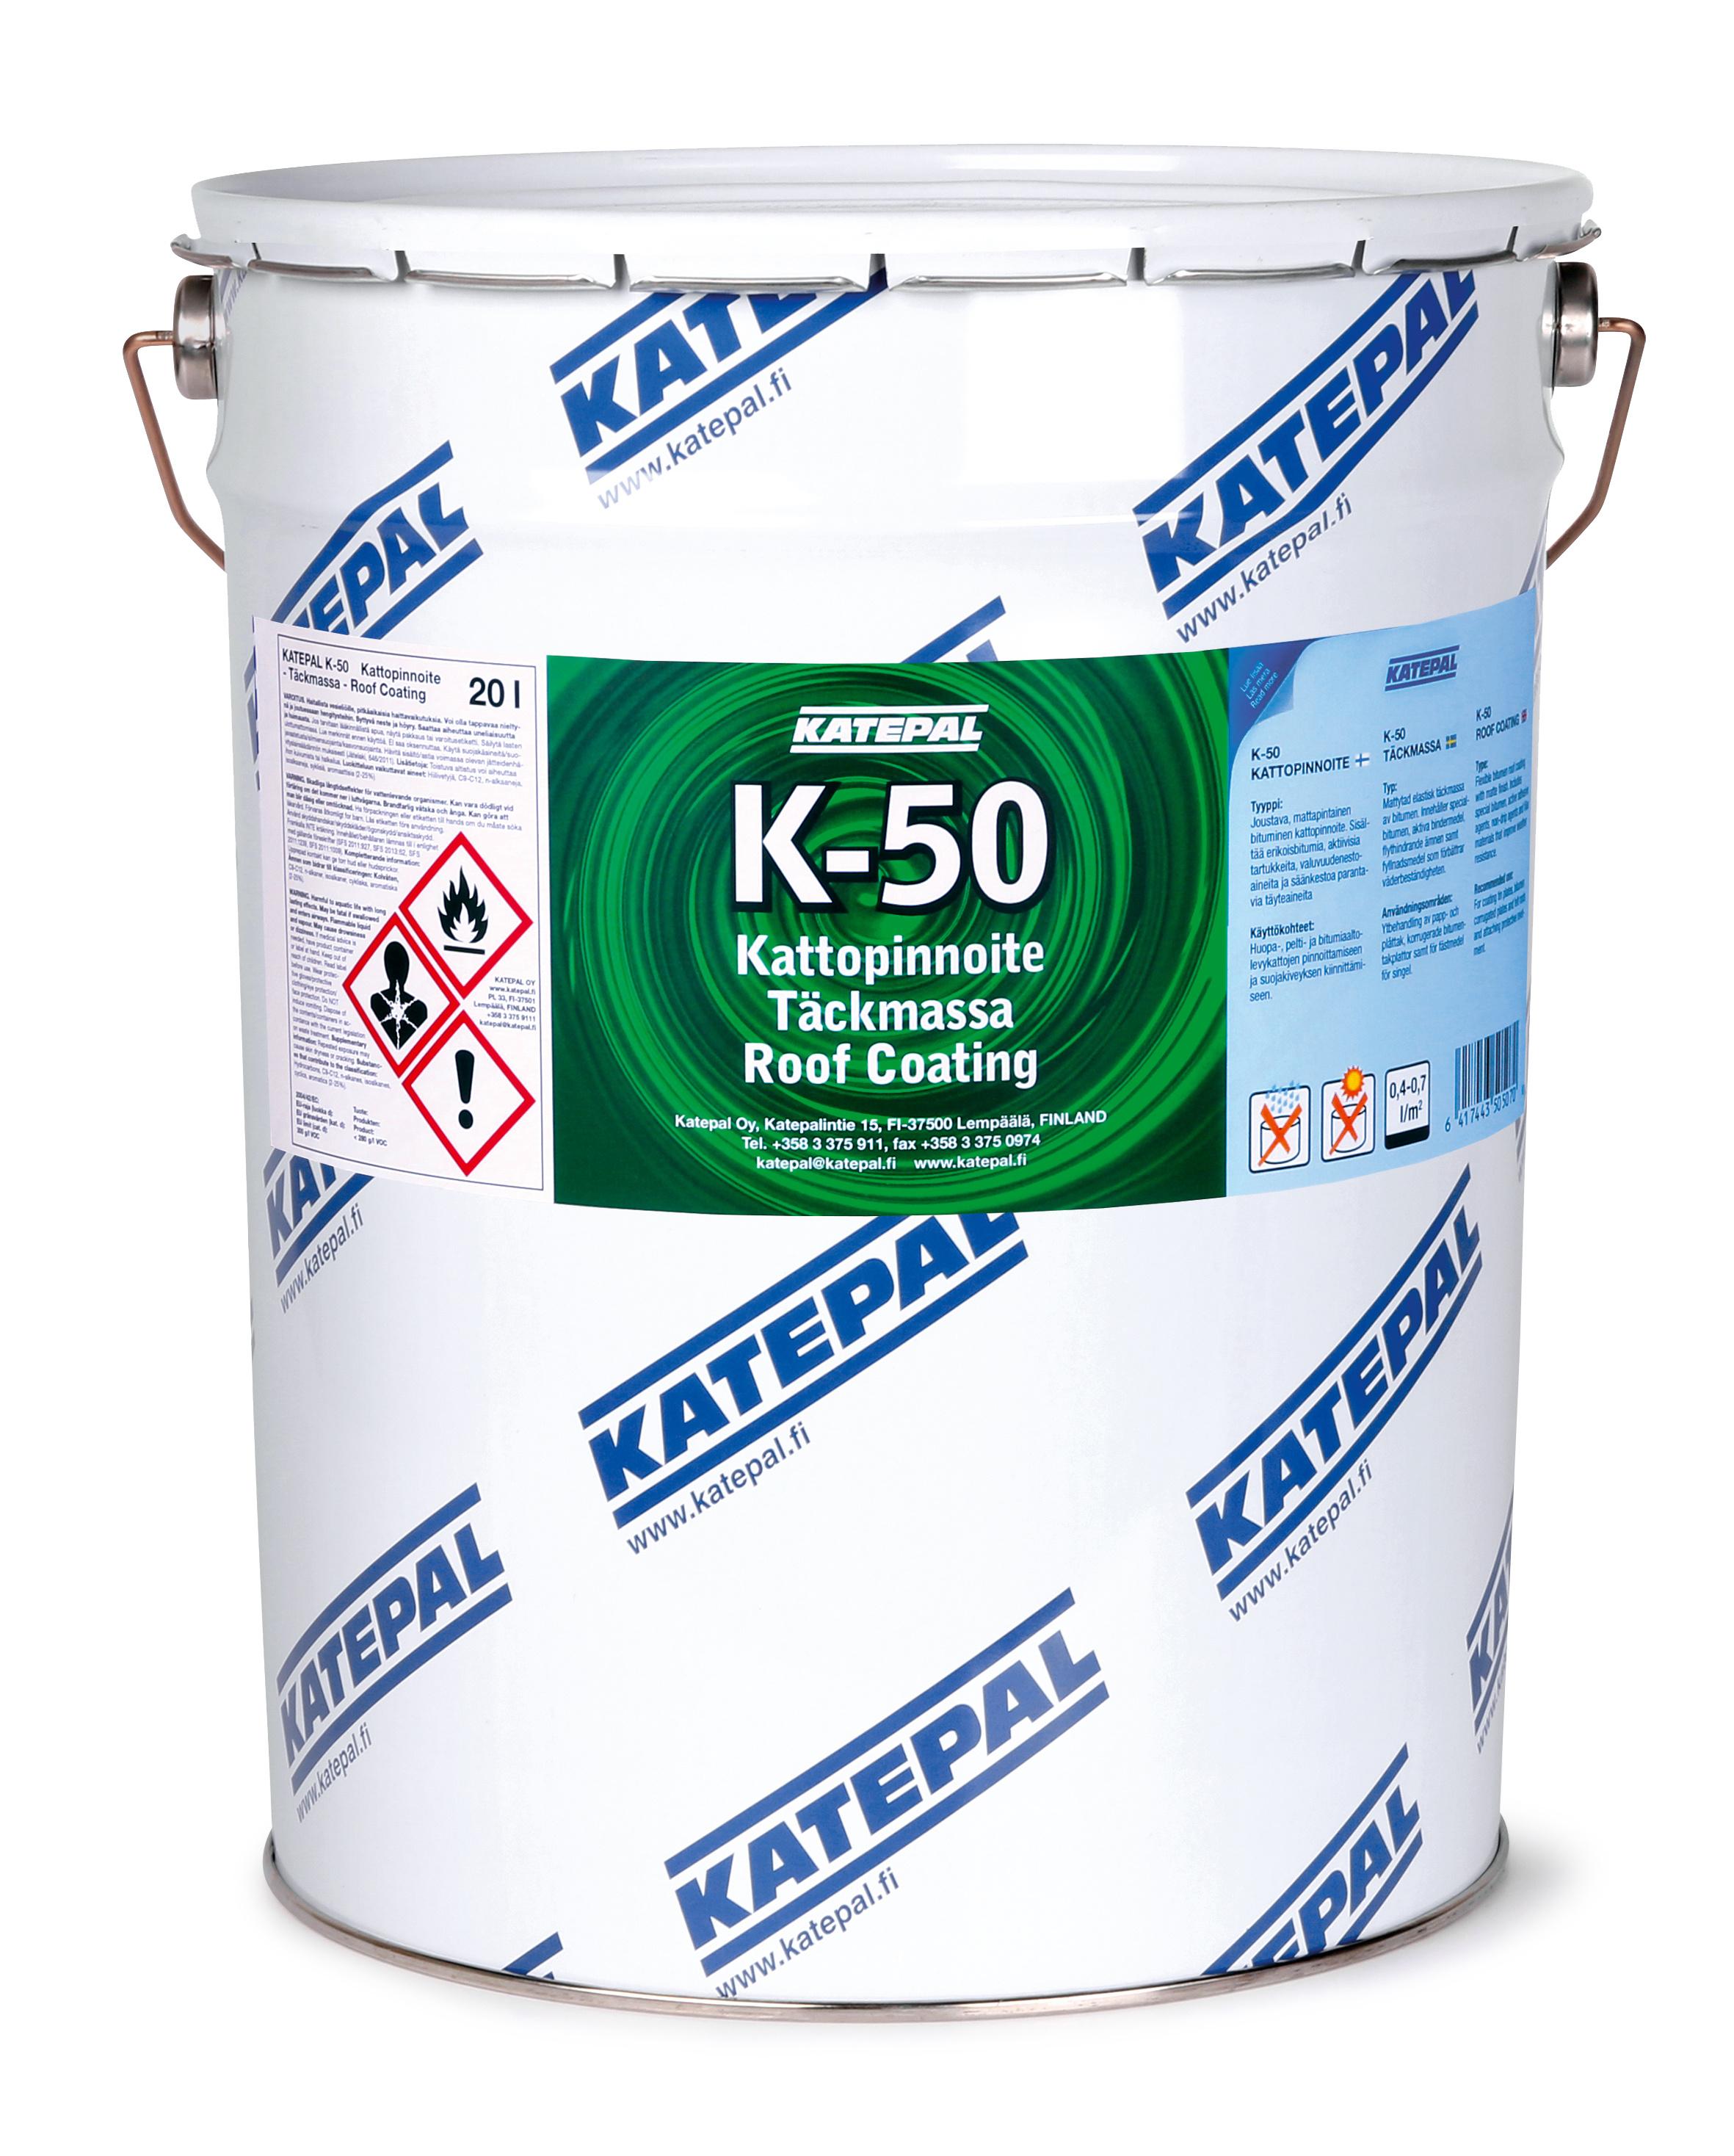 K-50 Kattopinnoite